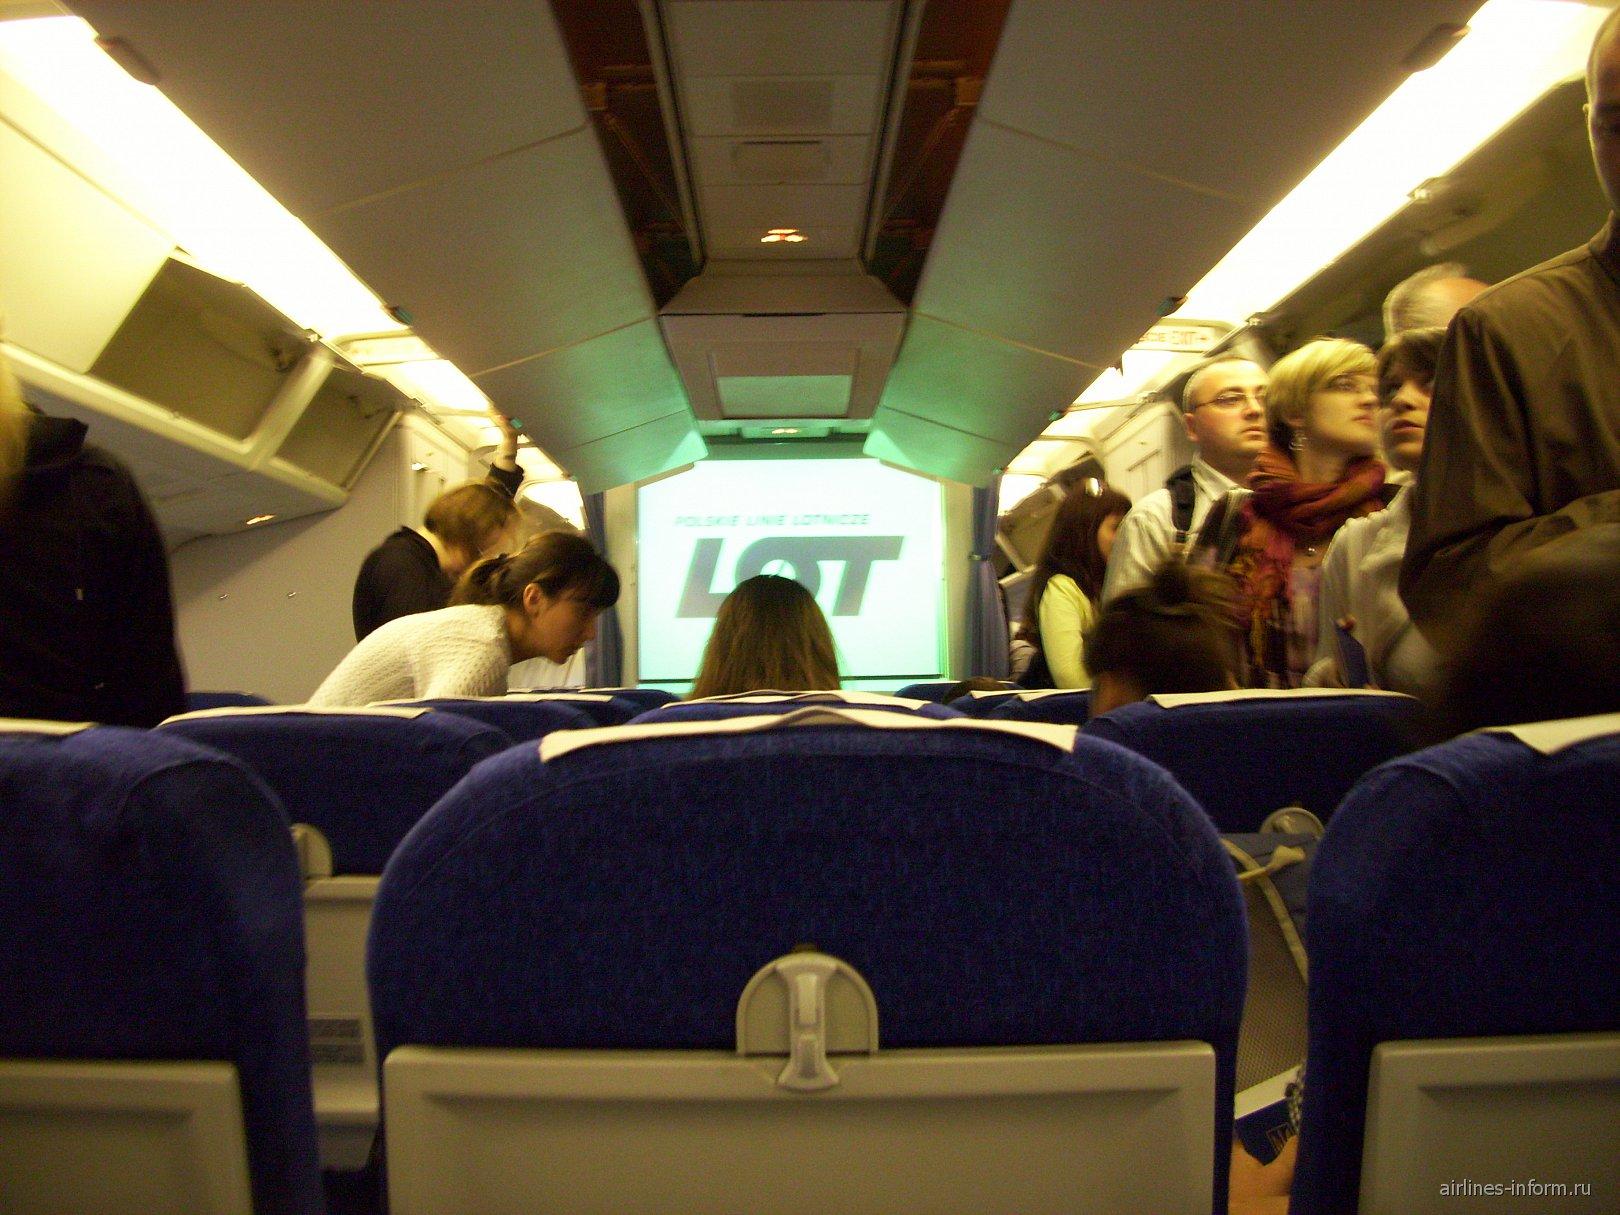 Салон самолета Боинг-767-300 авиакомпании LOT